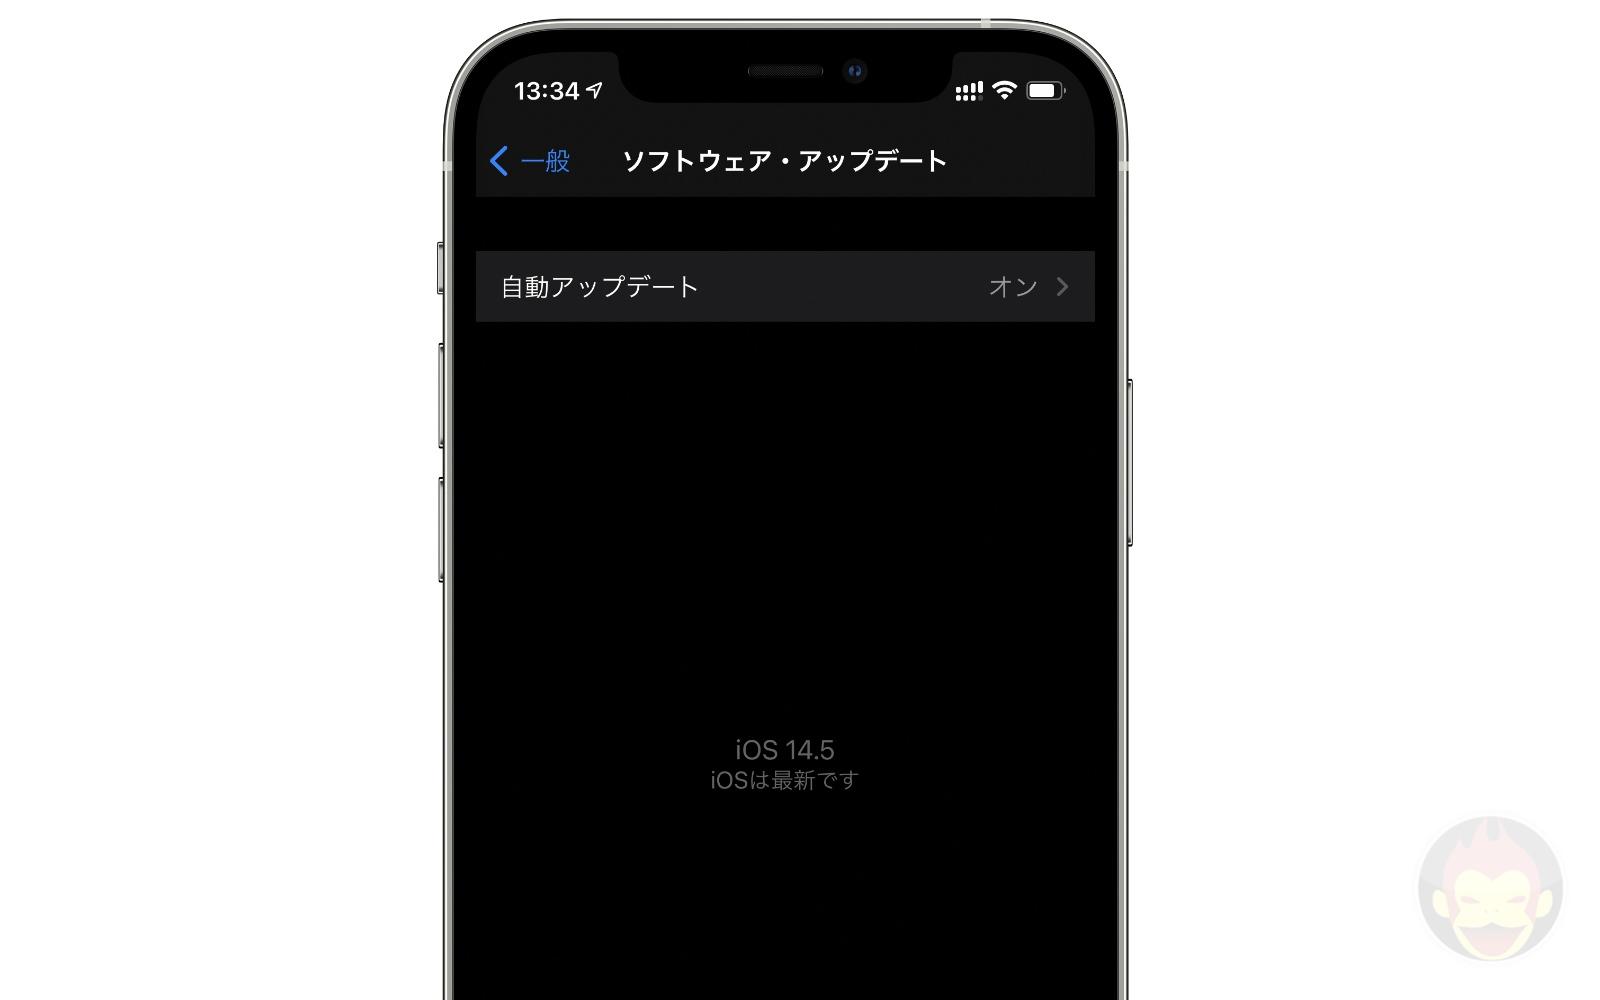 Ios14 5update screen